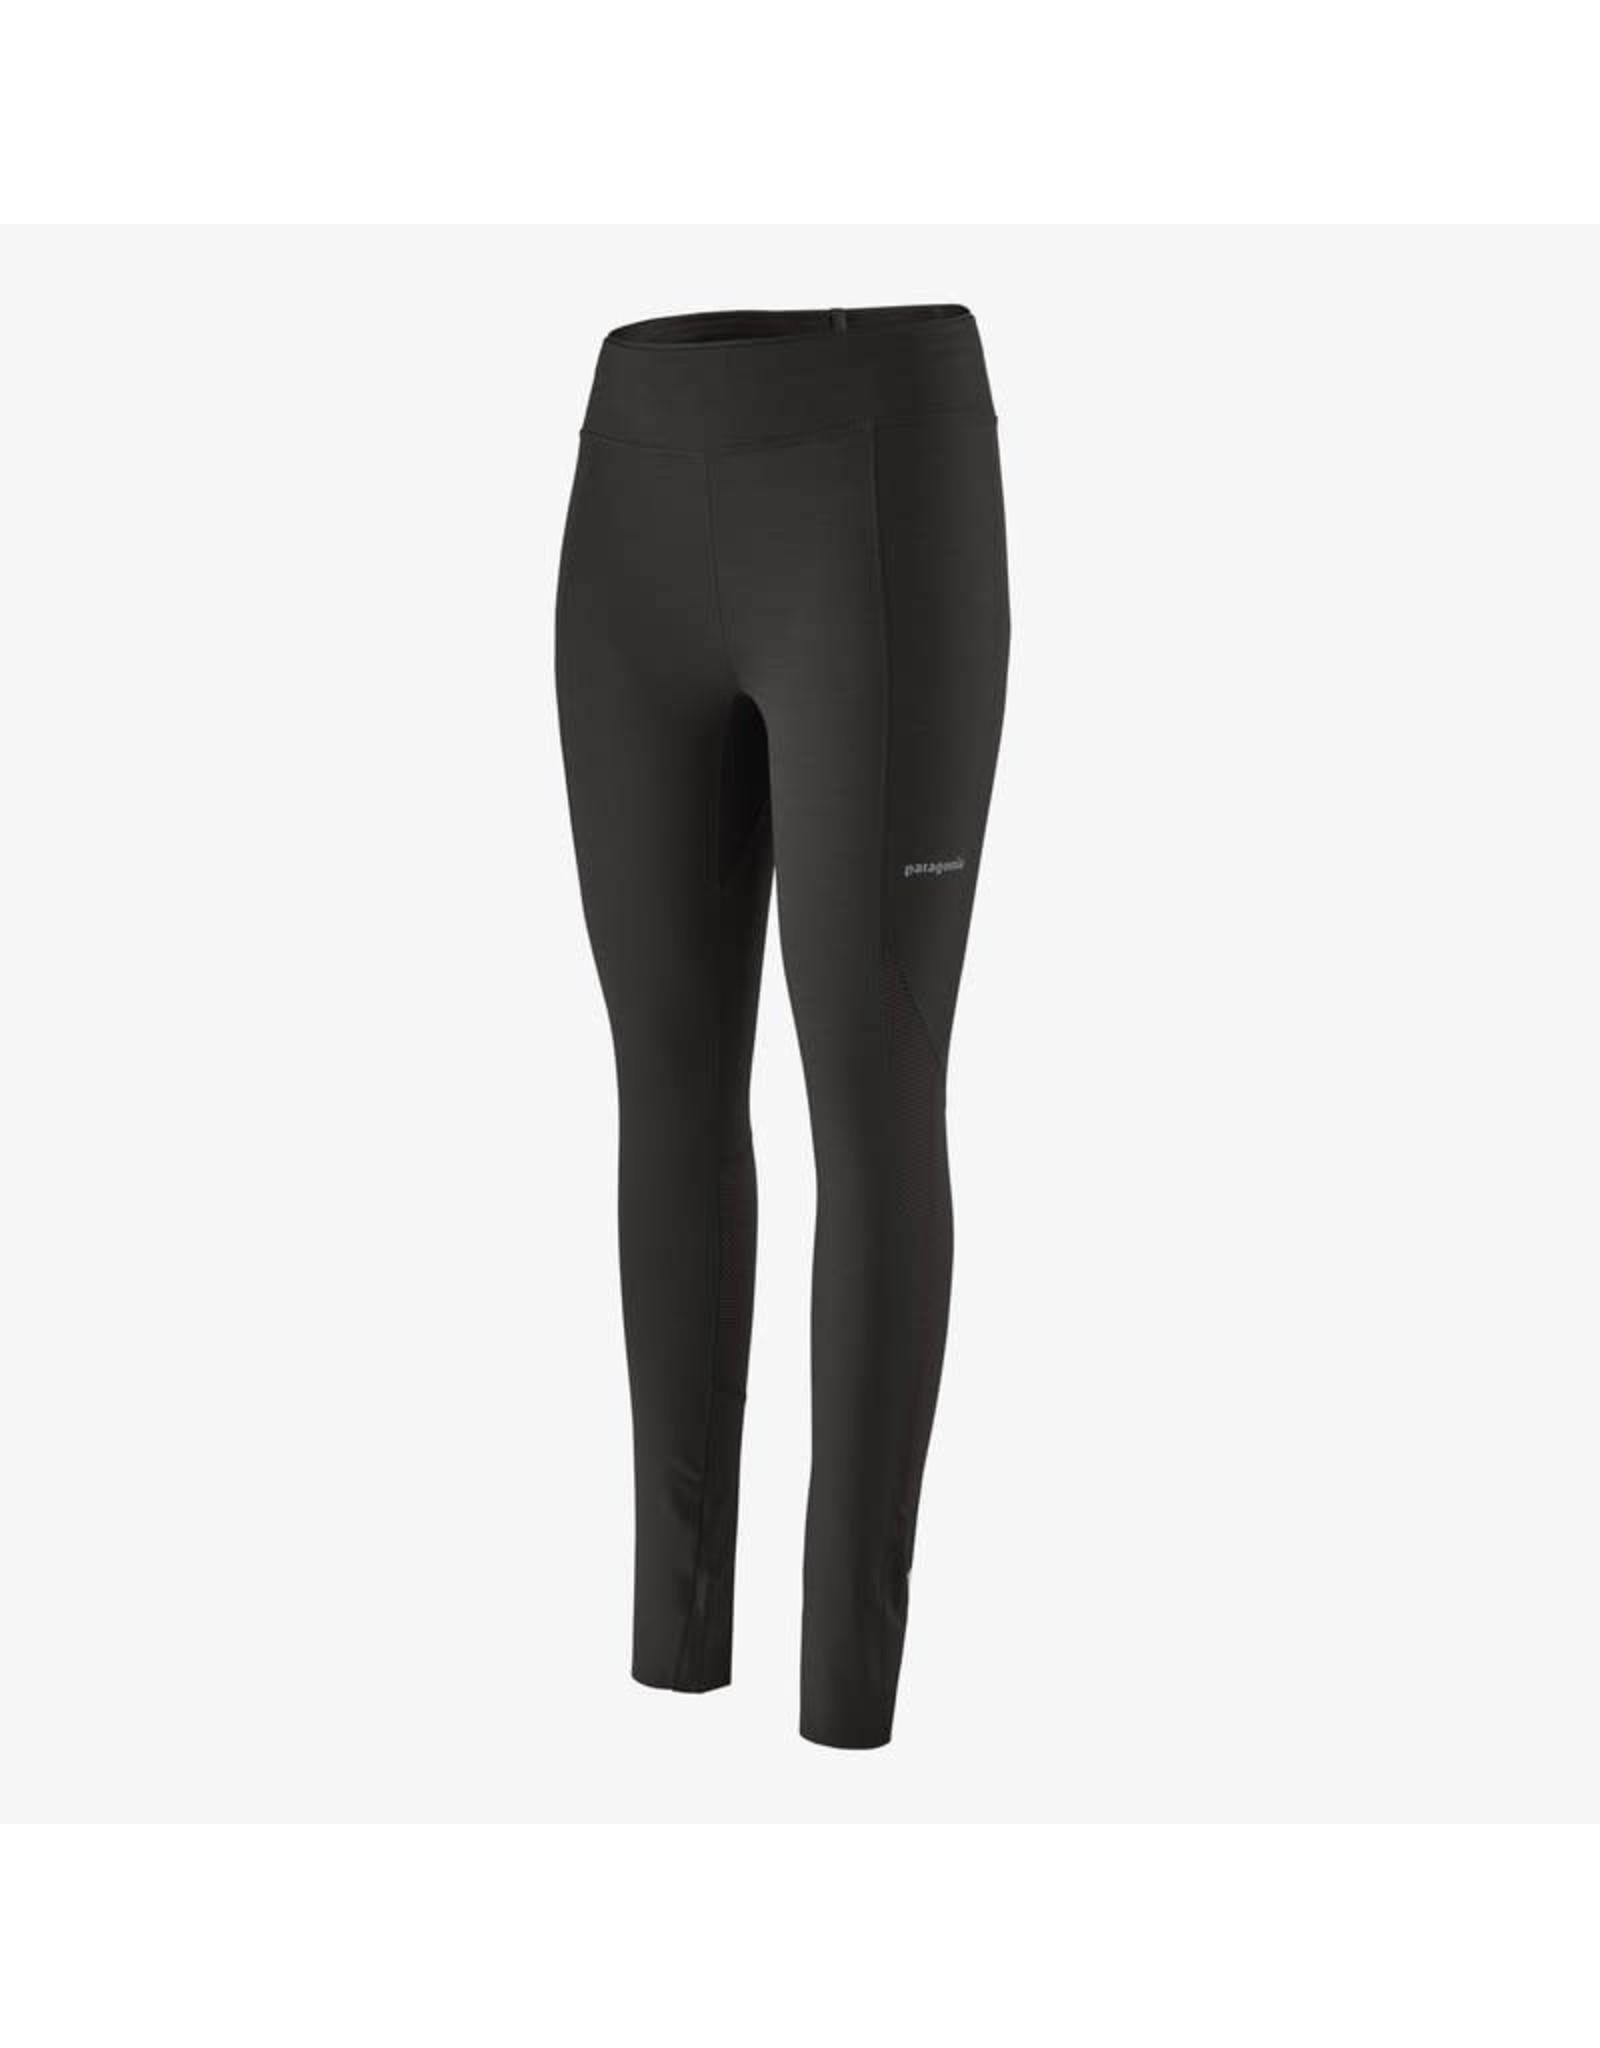 Patagonia Patagonia - Legging femme endless run tights black